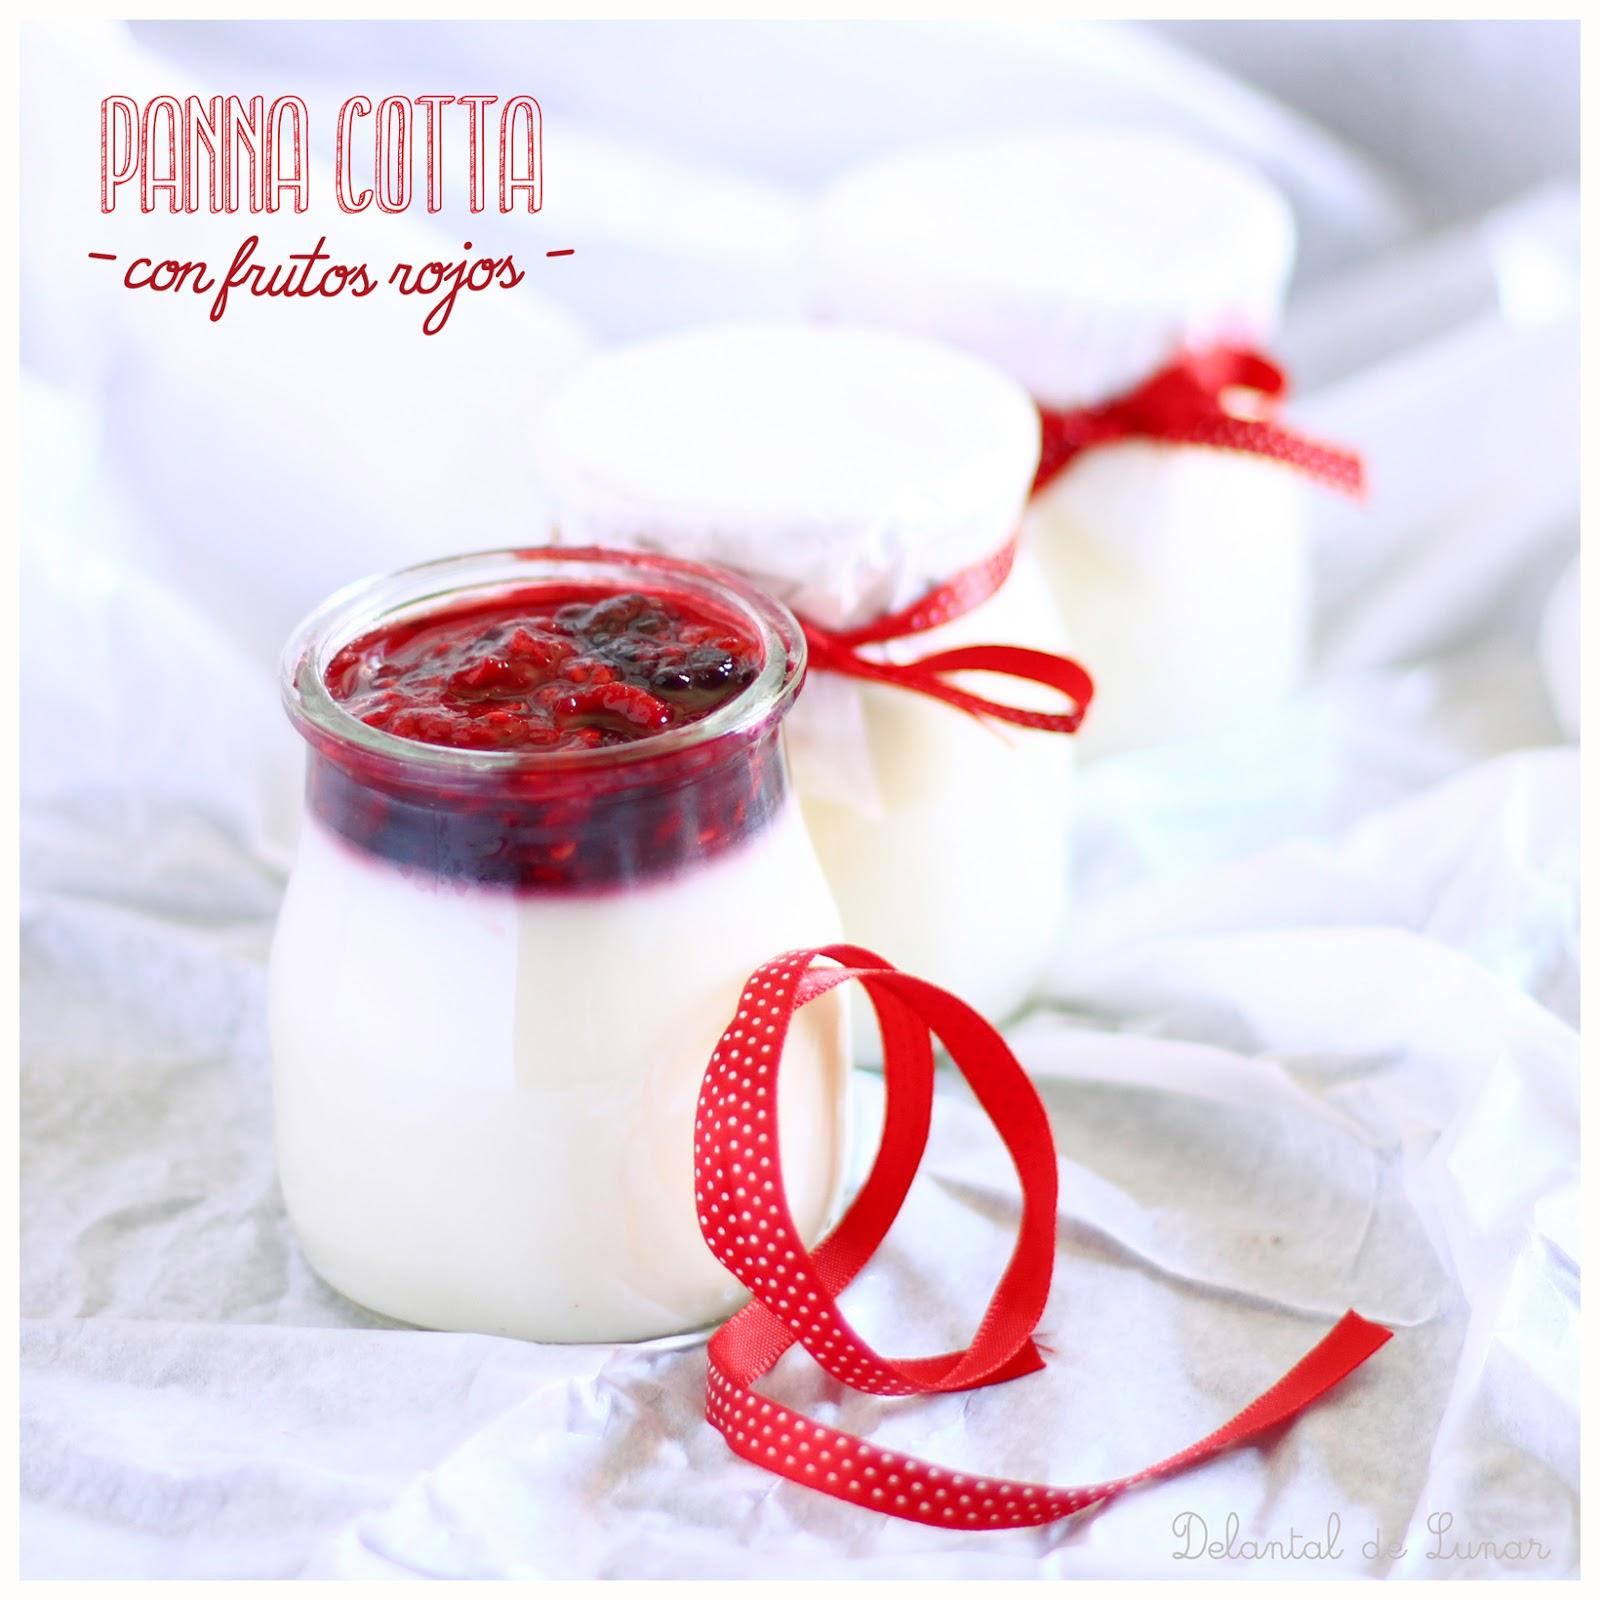 Foto: Panna Cotta con frutos rojos.